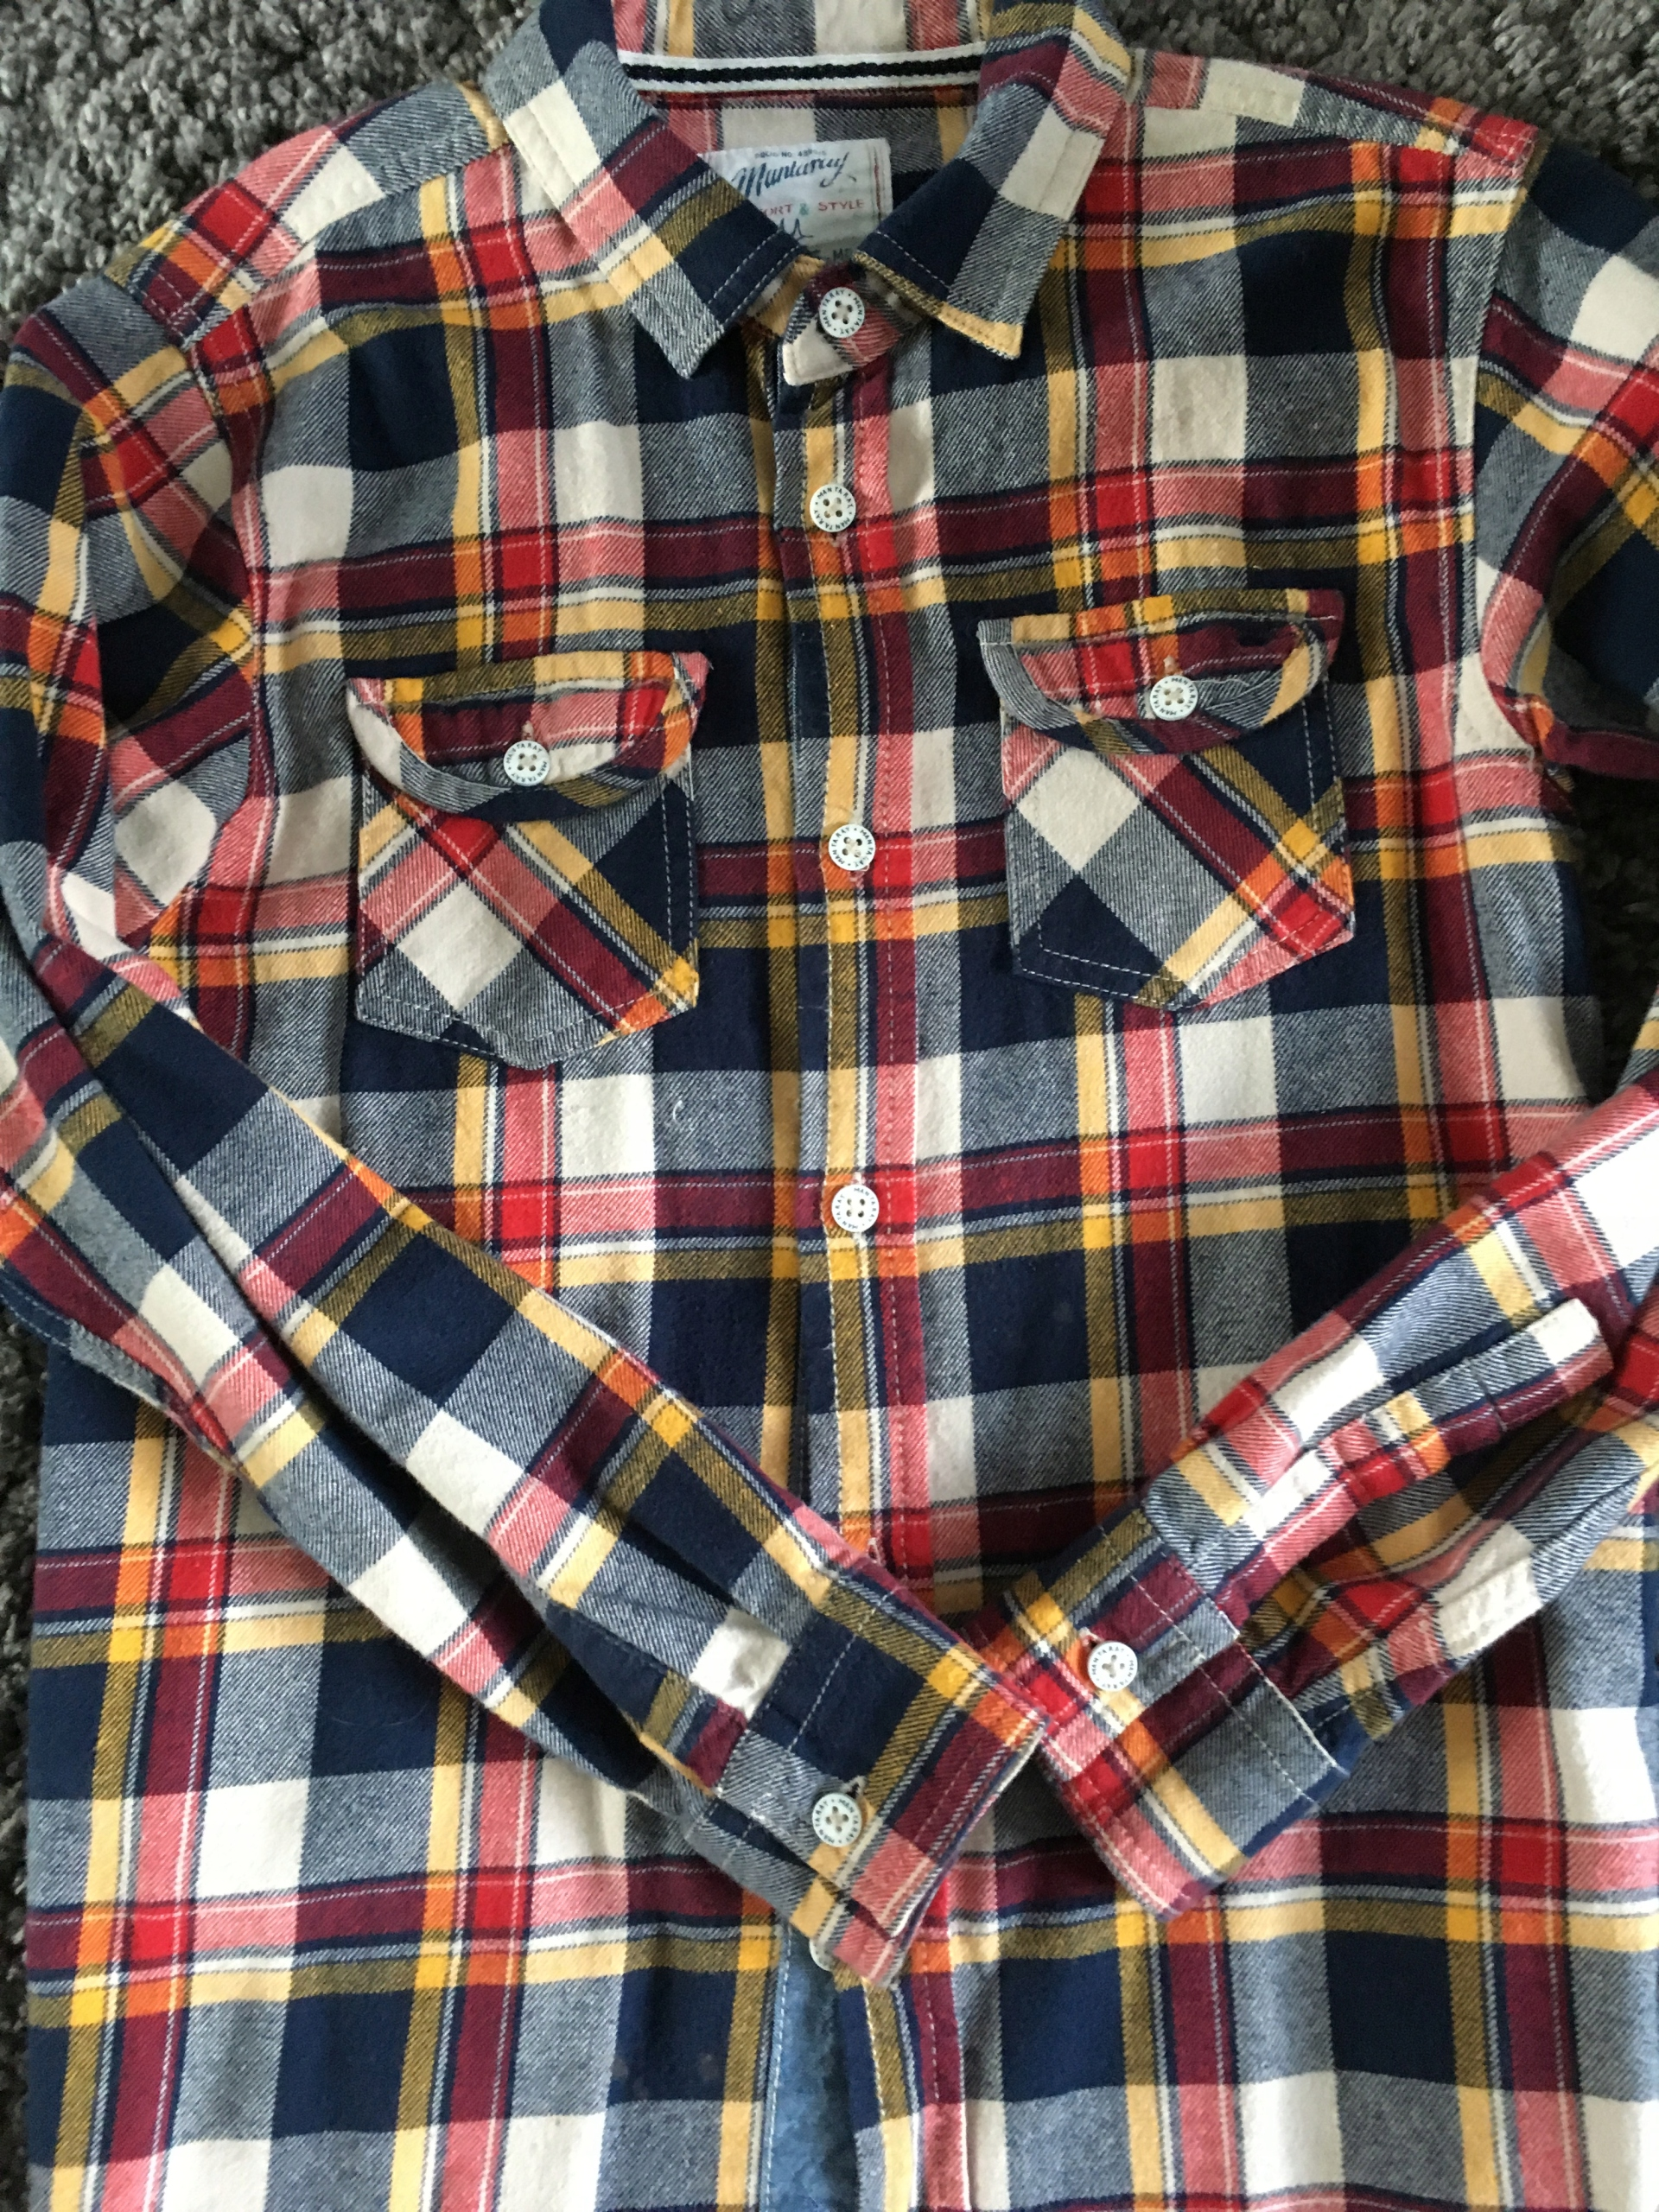 dd71f33f5d8d92 koszula flanelowa rozmiar xl w Oficjalnym Archiwum Allegro - Strona 94 - archiwum  ofert